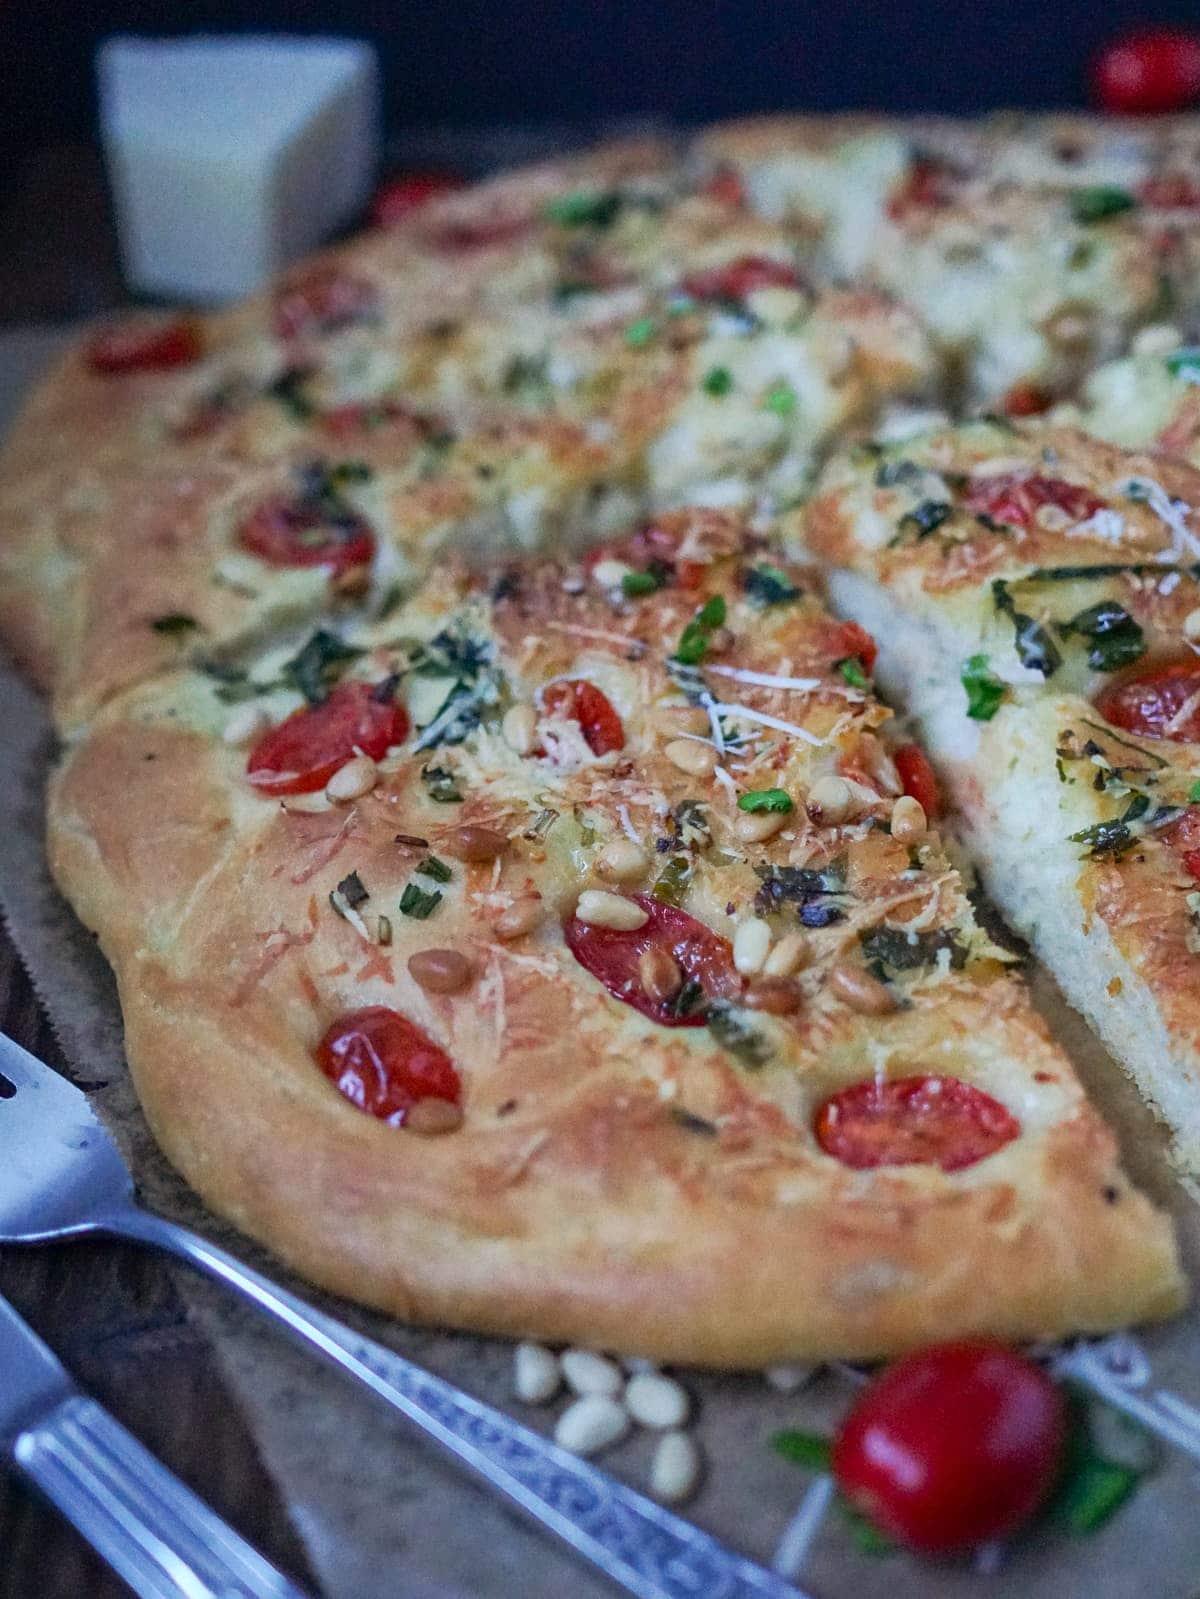 Line macht Bärlauch-Focaccia mit Tomaten und Parmesan | Line kocht | Was is hier eigentlich los?